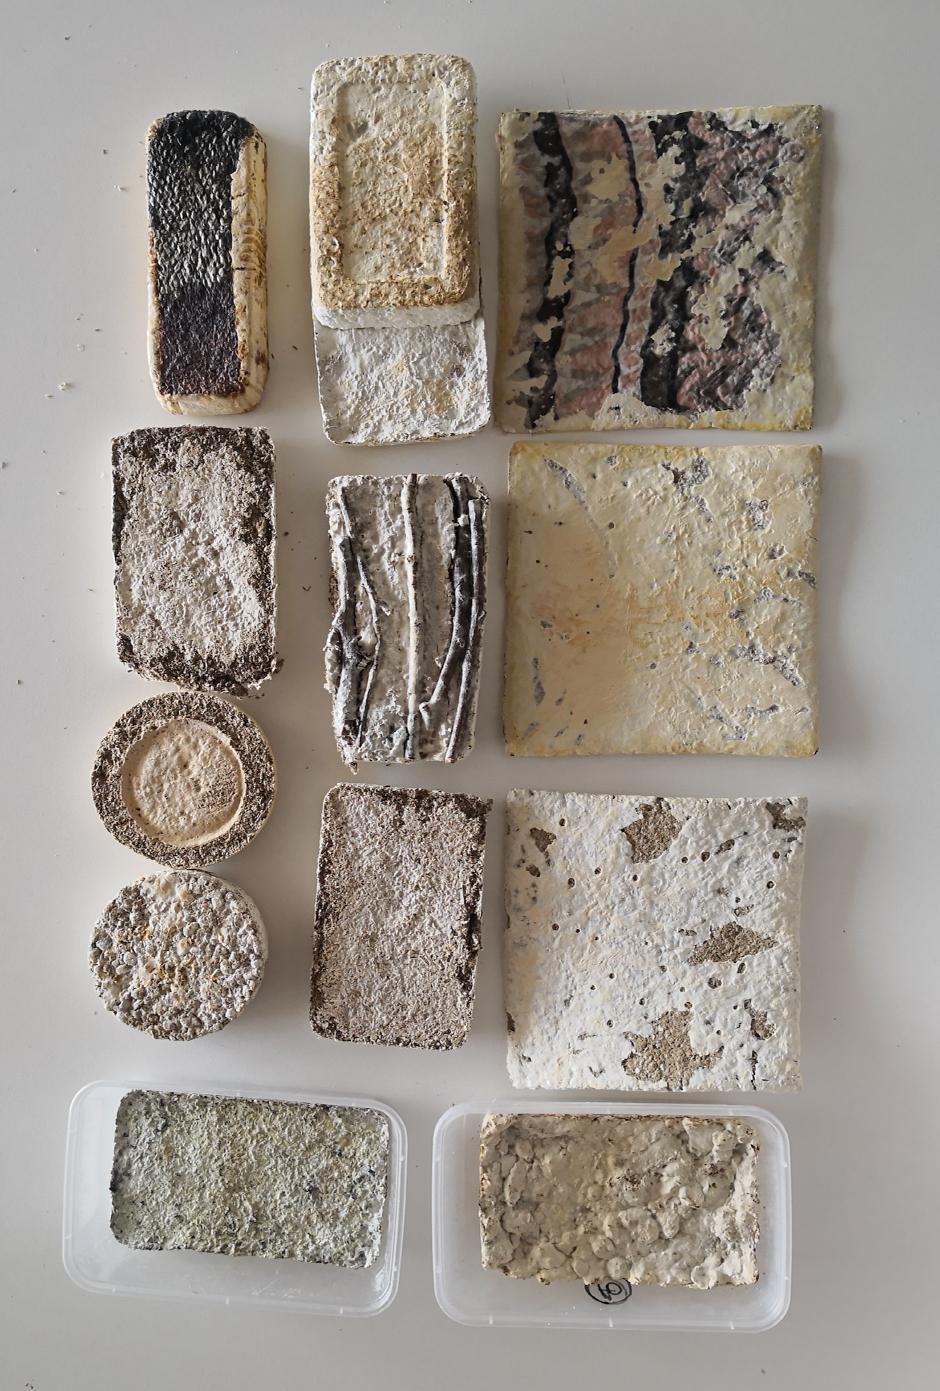 Bio-Fabrication with Mycelium and Kelp